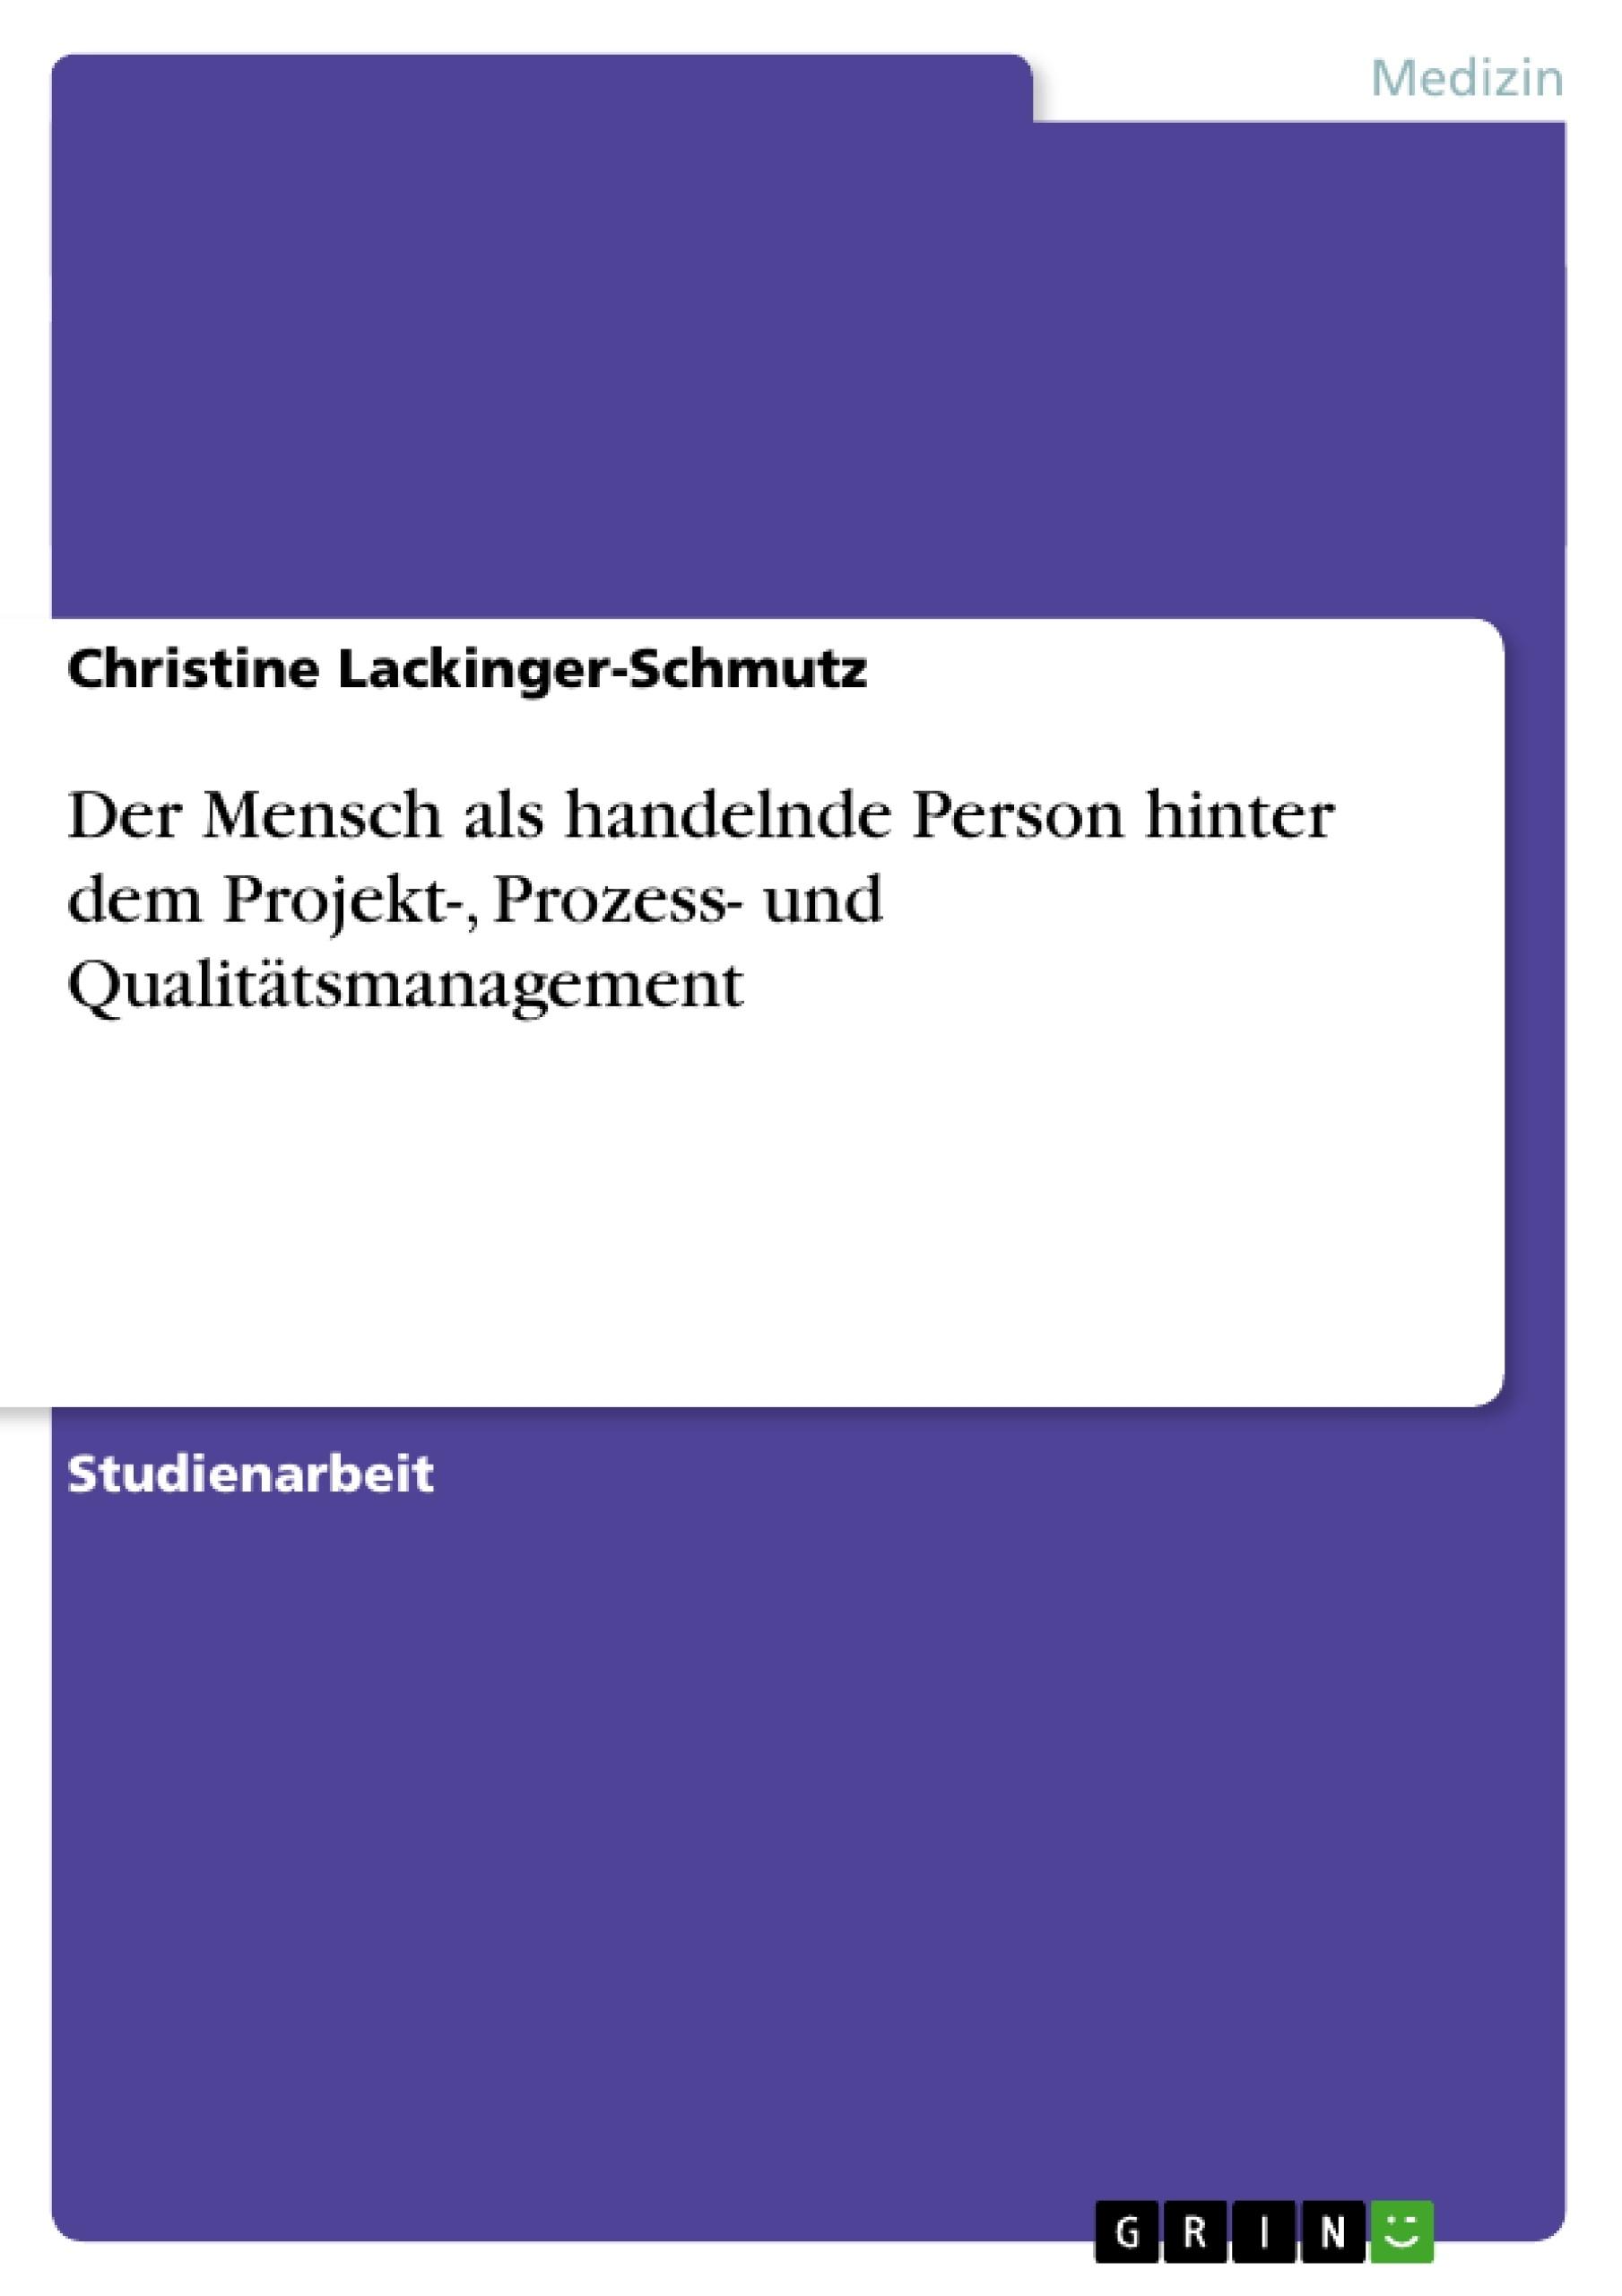 Titel: Der Mensch als handelnde Person hinter dem Projekt-, Prozess- und Qualitätsmanagement